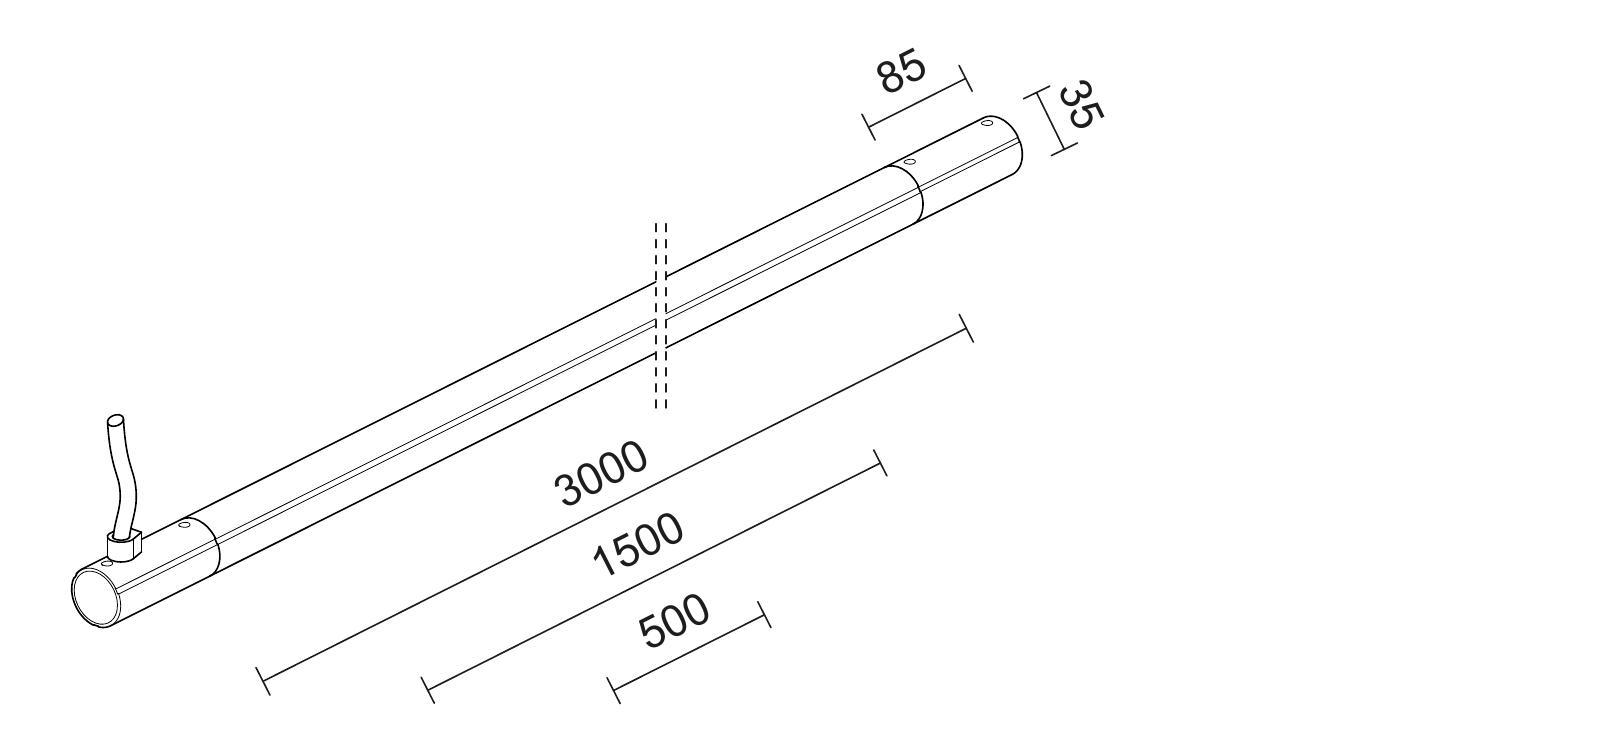 Disegno tecnico PDF